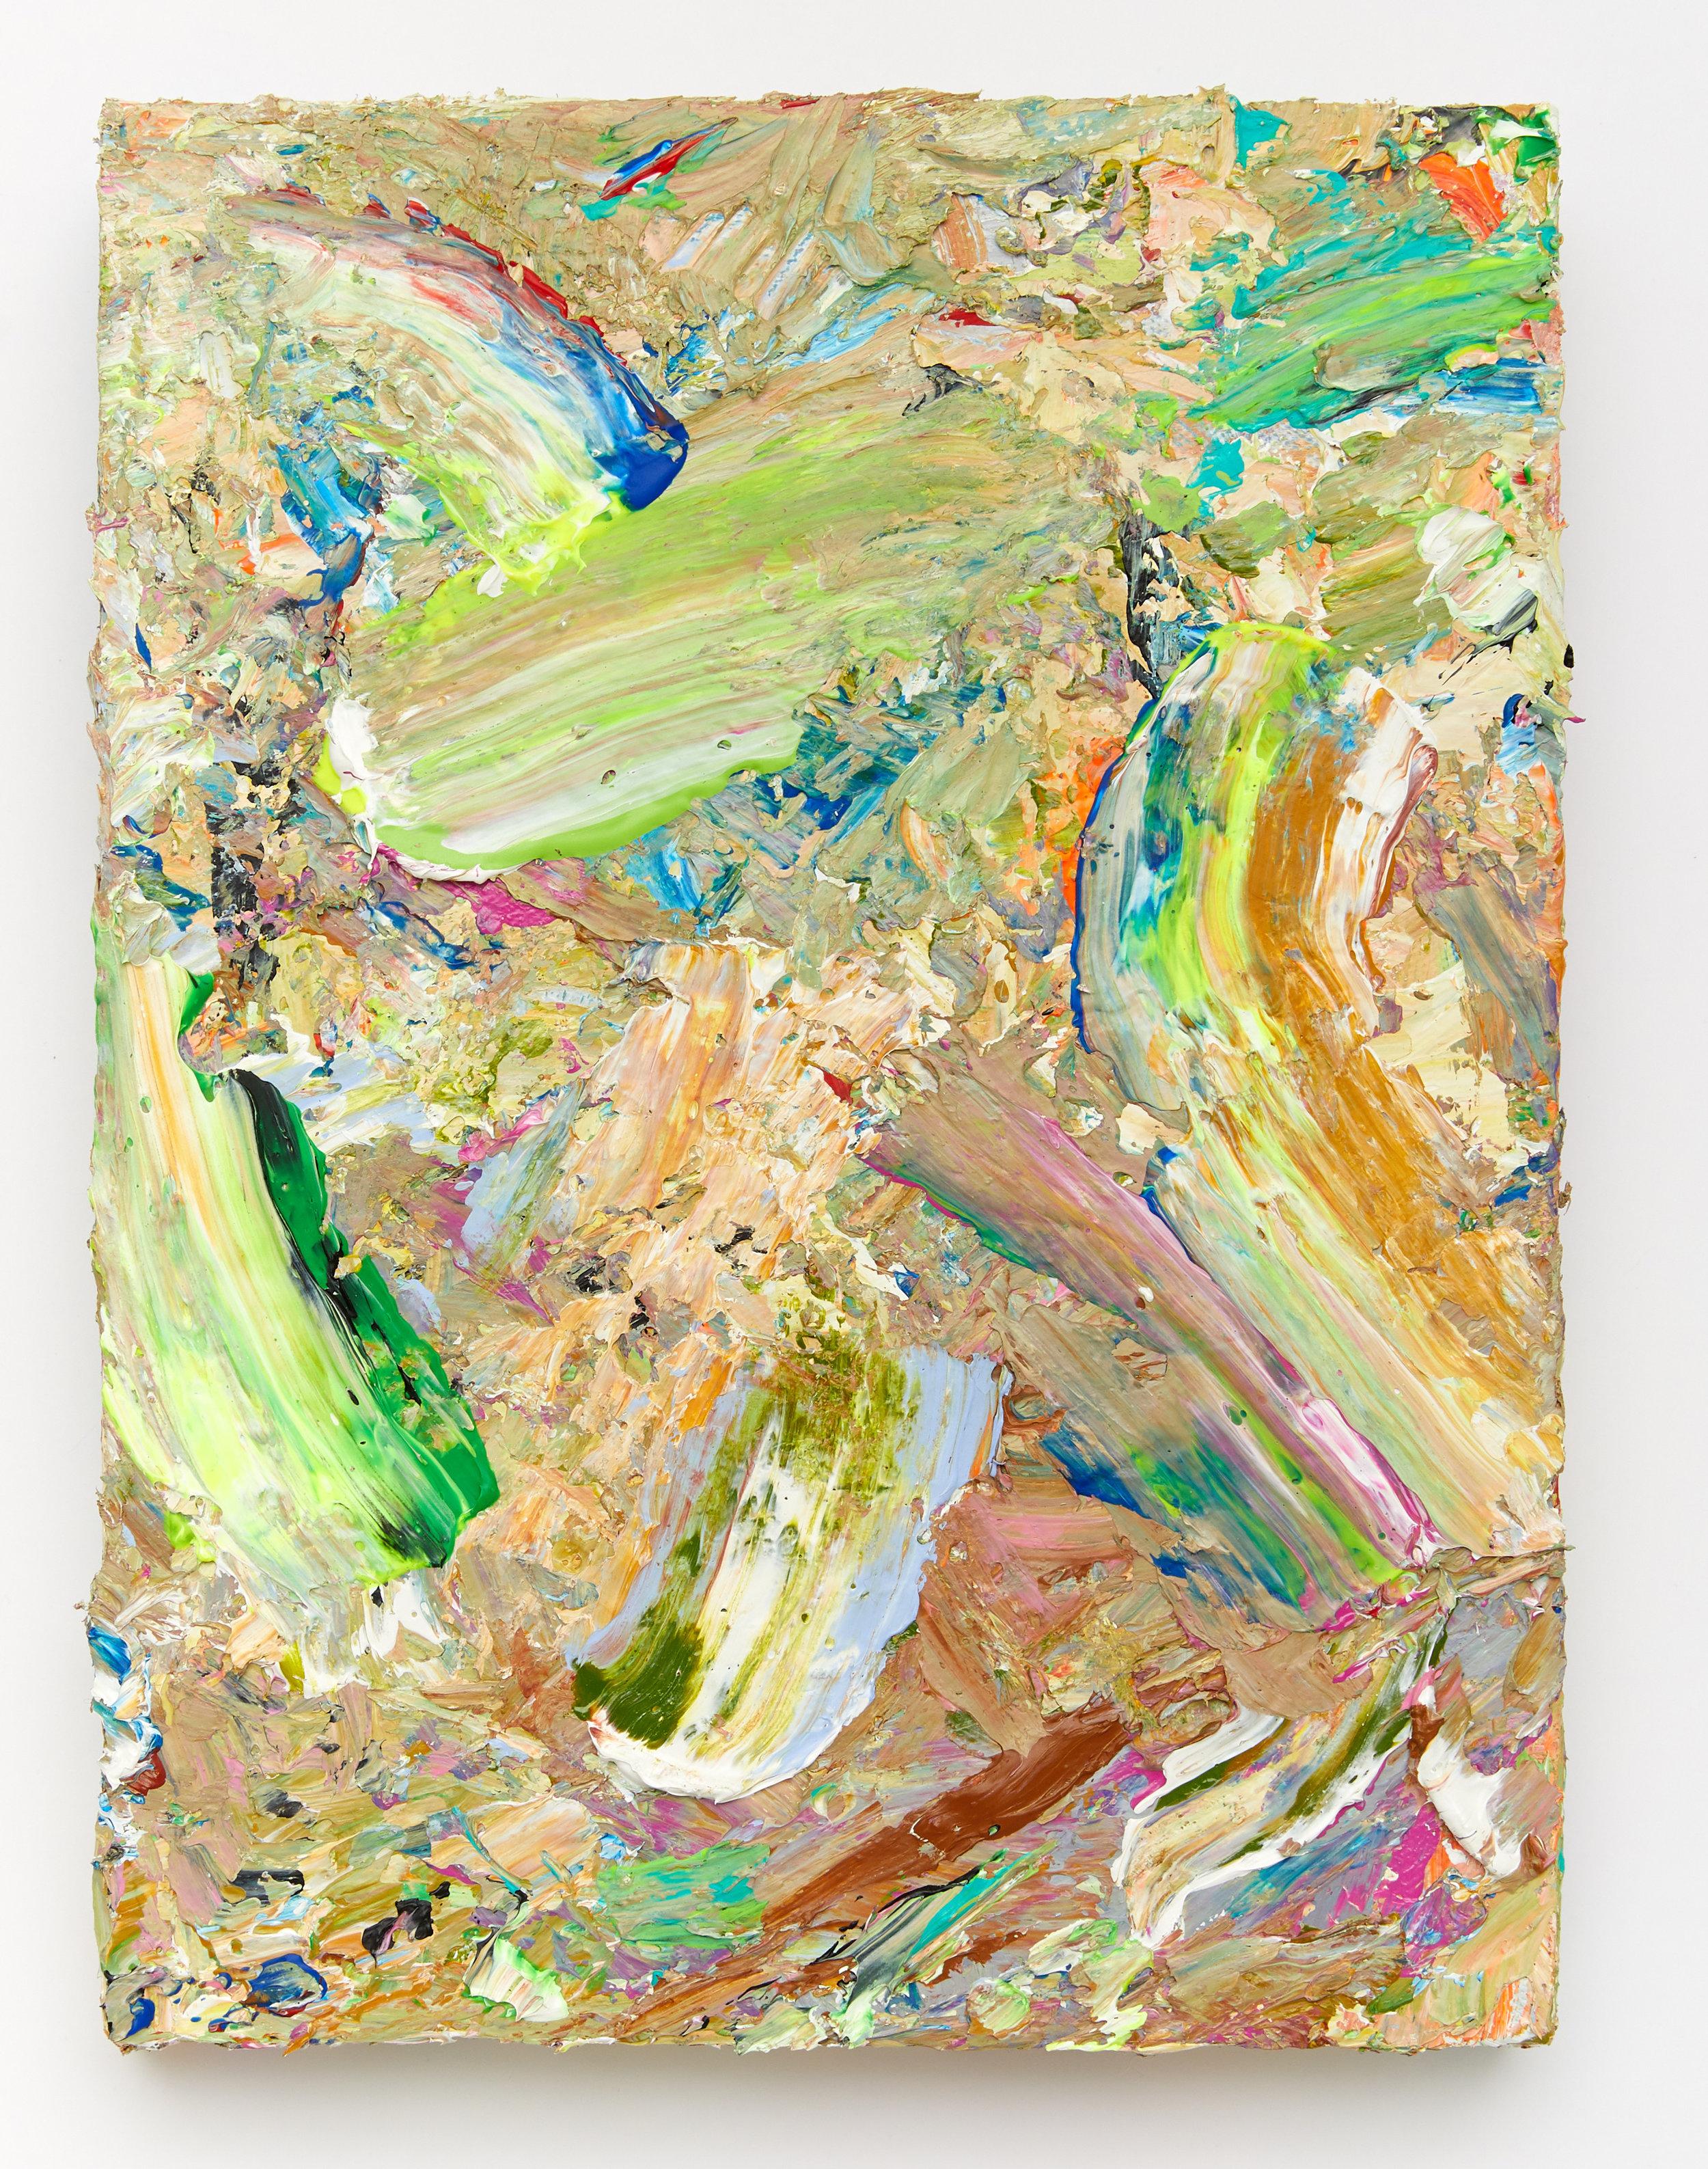 I Arted #1,  2018 / acrylic on canvas